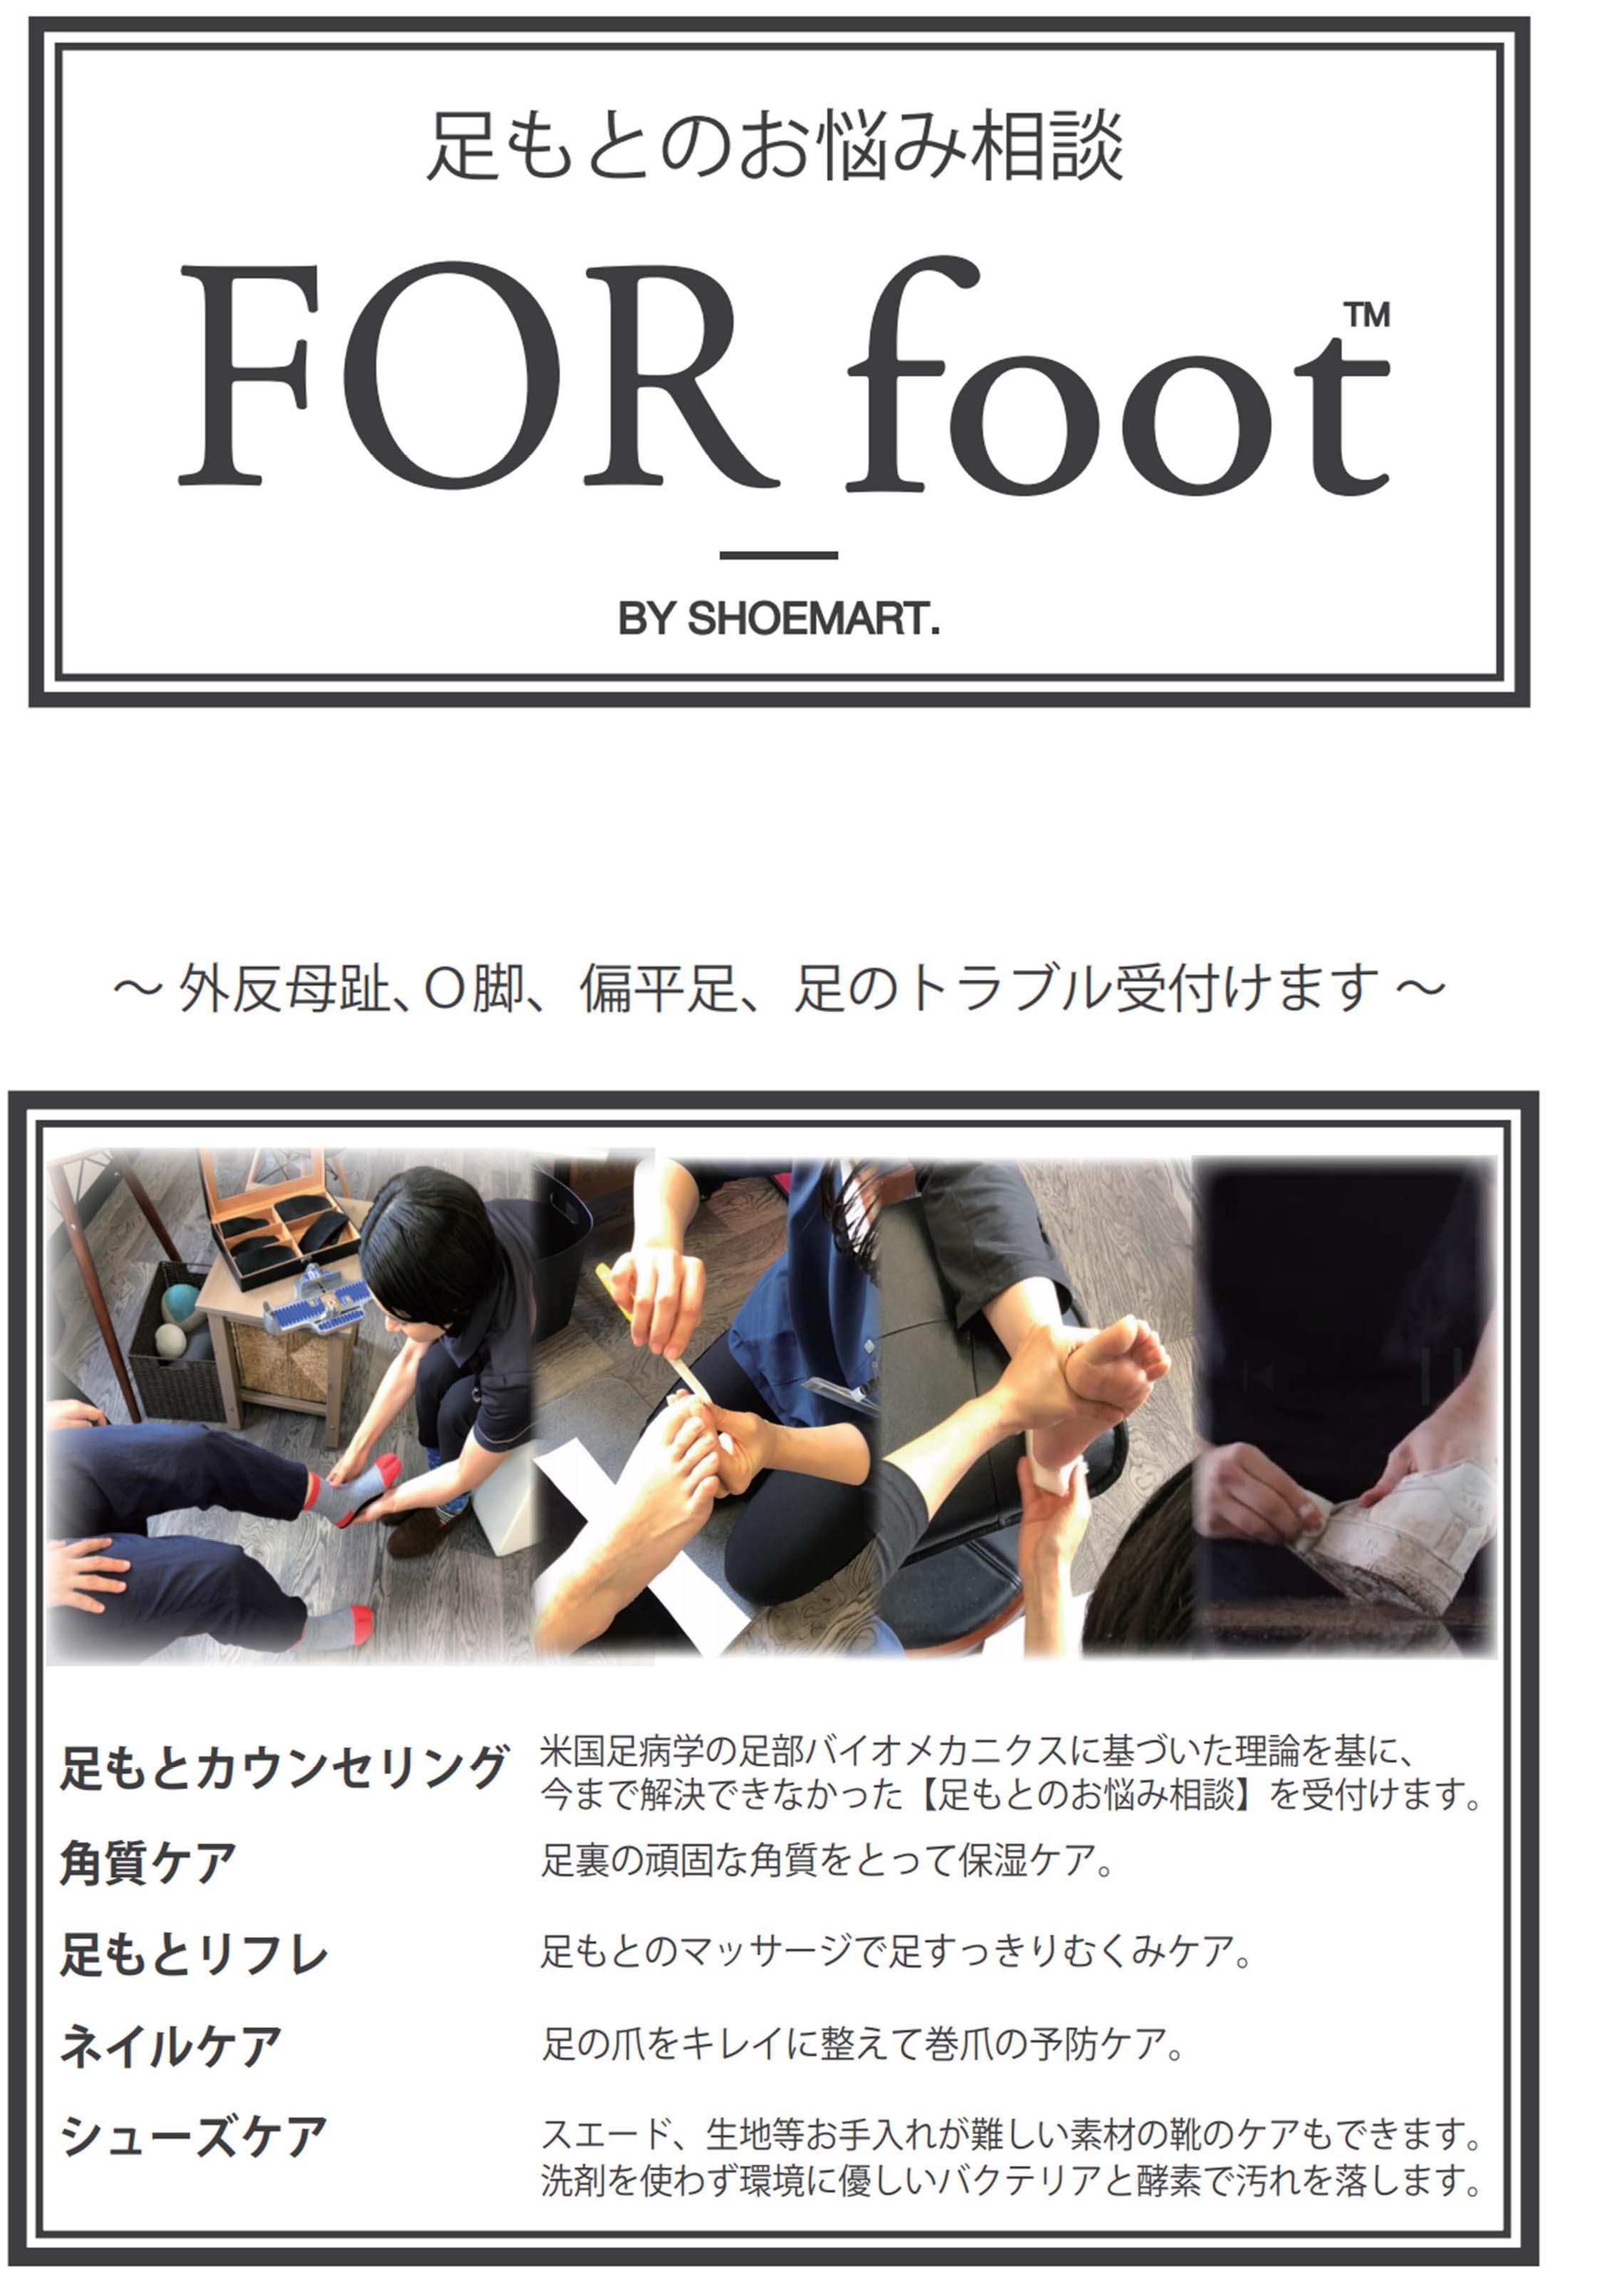 駅前店サービス内容.jpg